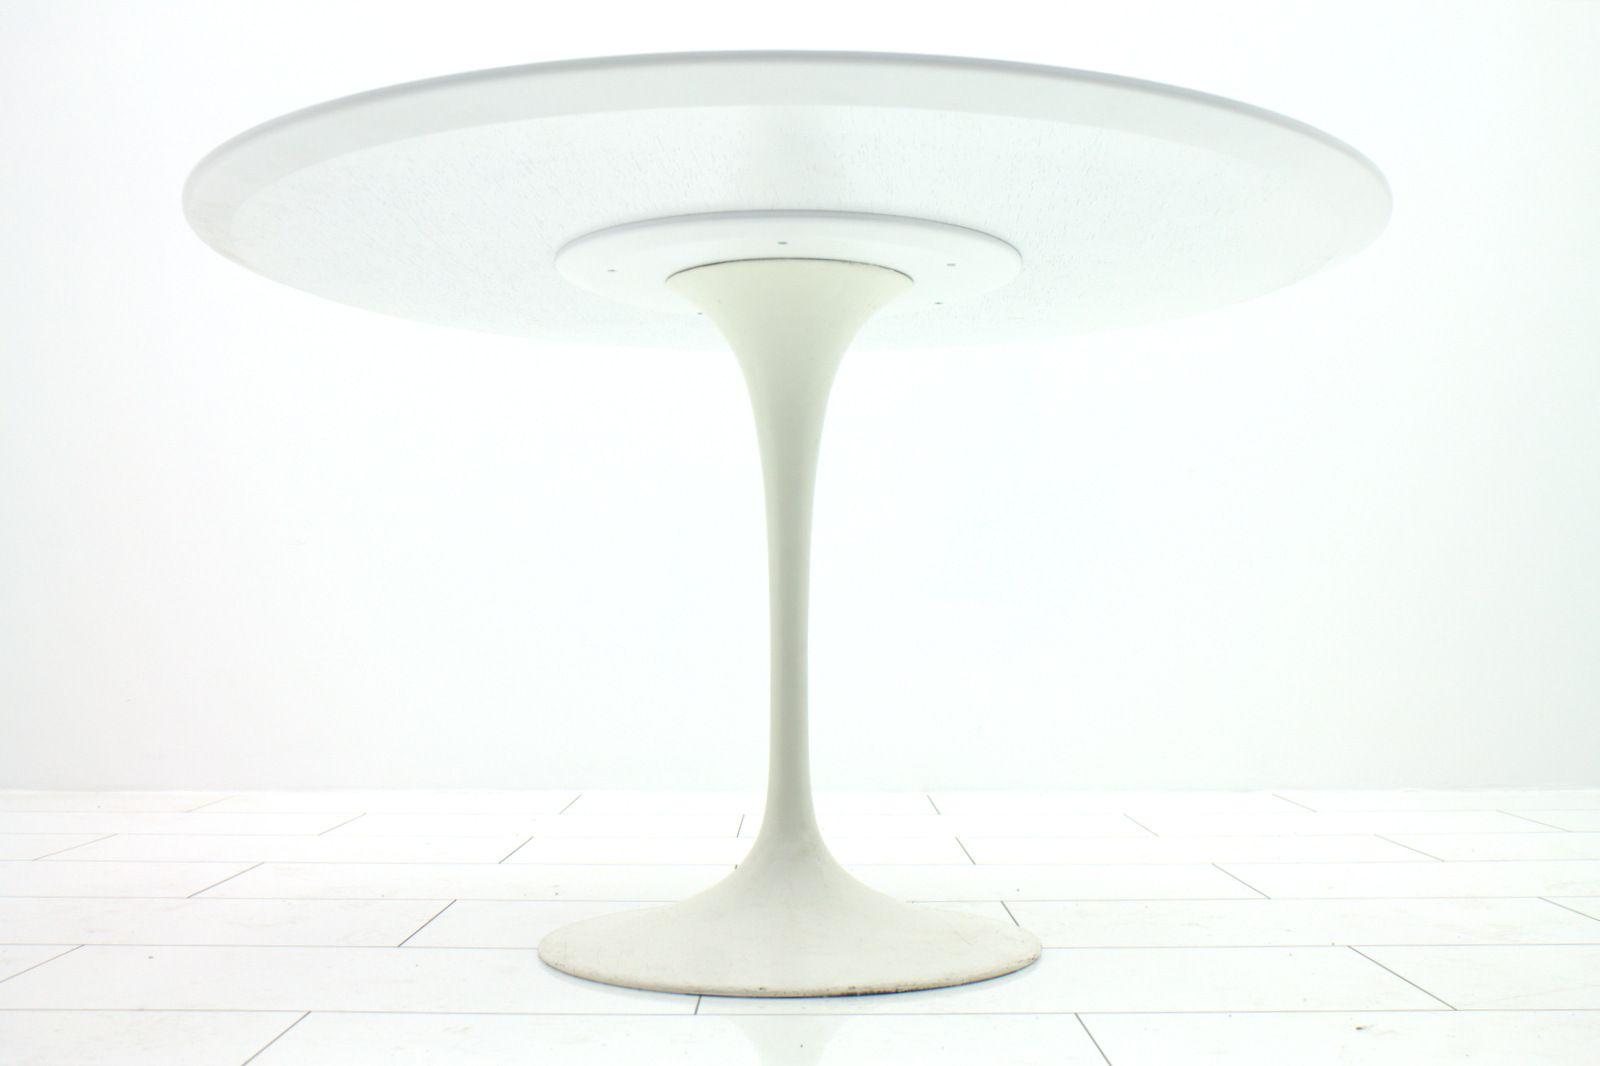 Knoll Eero Saarinen Medium Dining Knoll Eero Saarinen